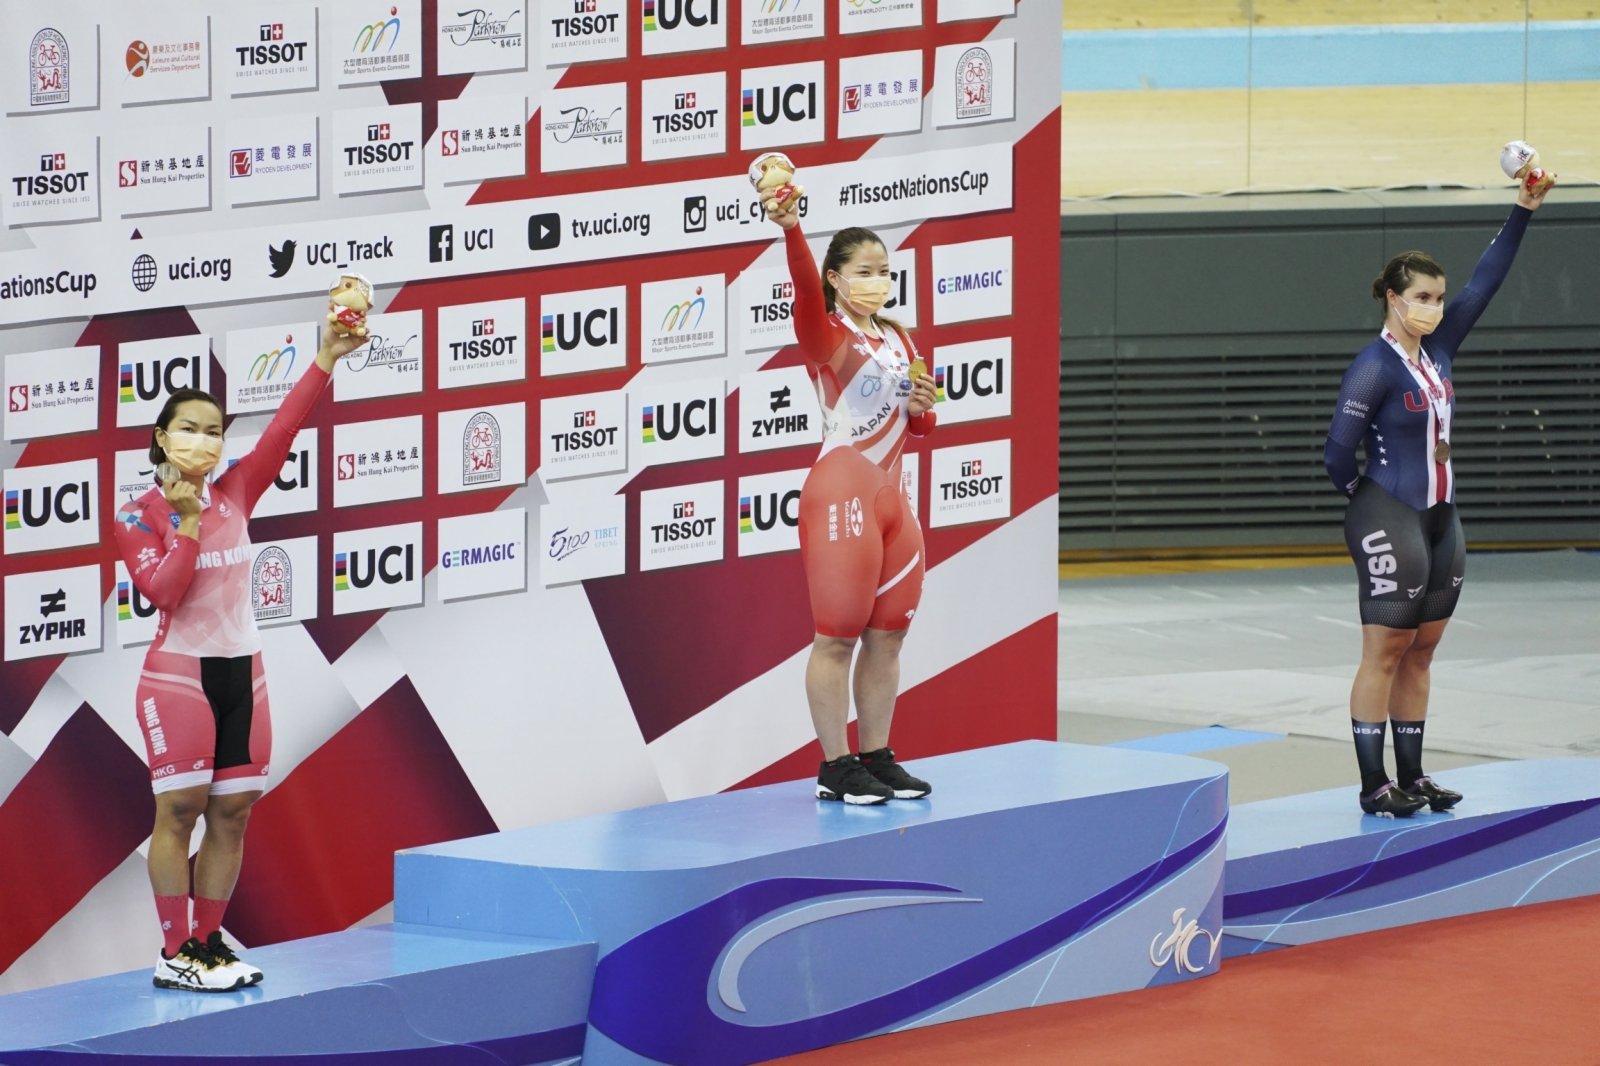 5月16日,冠軍日本選手小林優香(中)和亞軍中國香港選手李慧詩(左)在女子凱林賽頒獎台上揮手致意。(新華社)